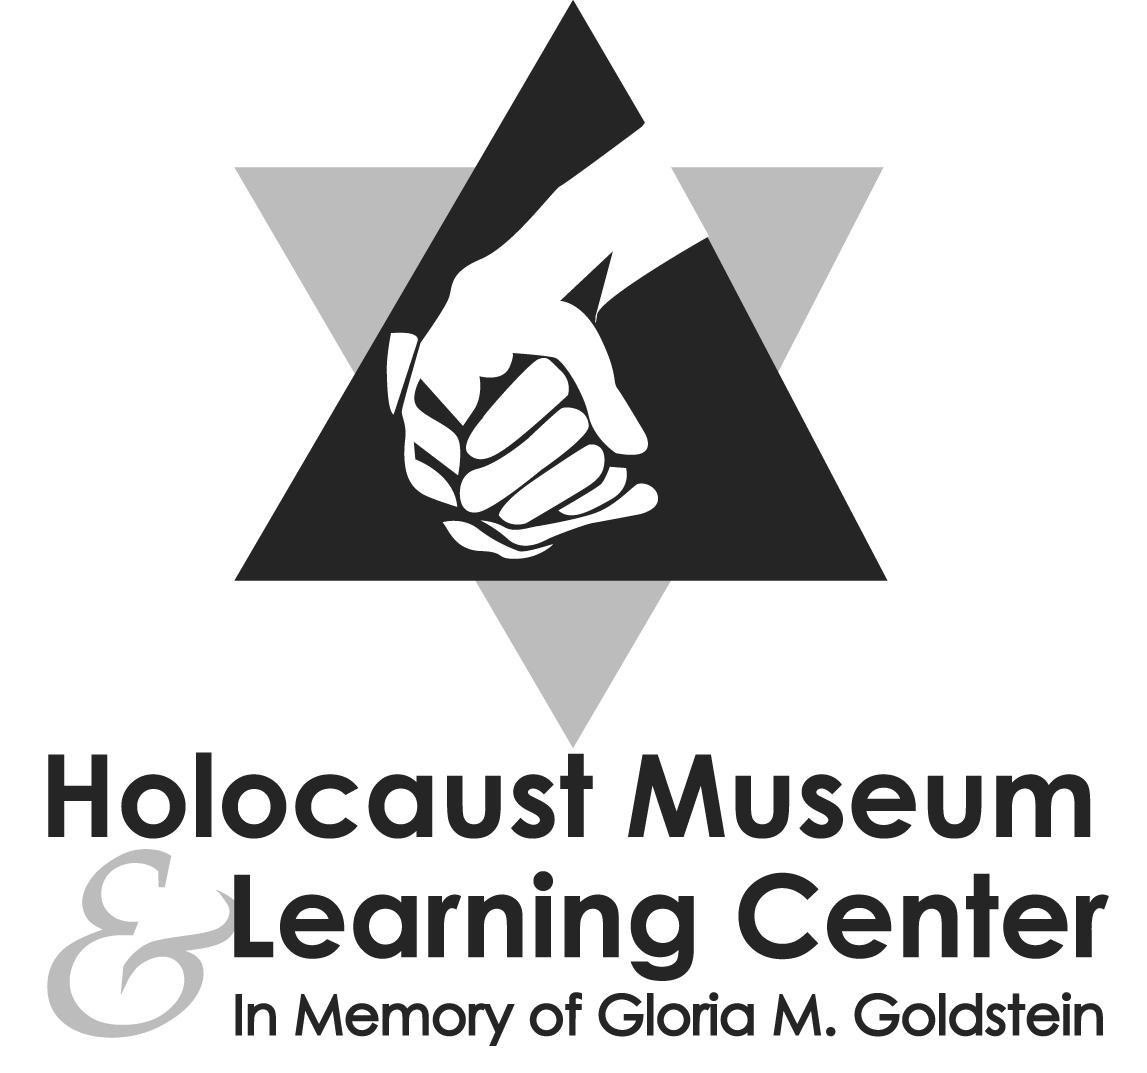 Holocaust Museum logo